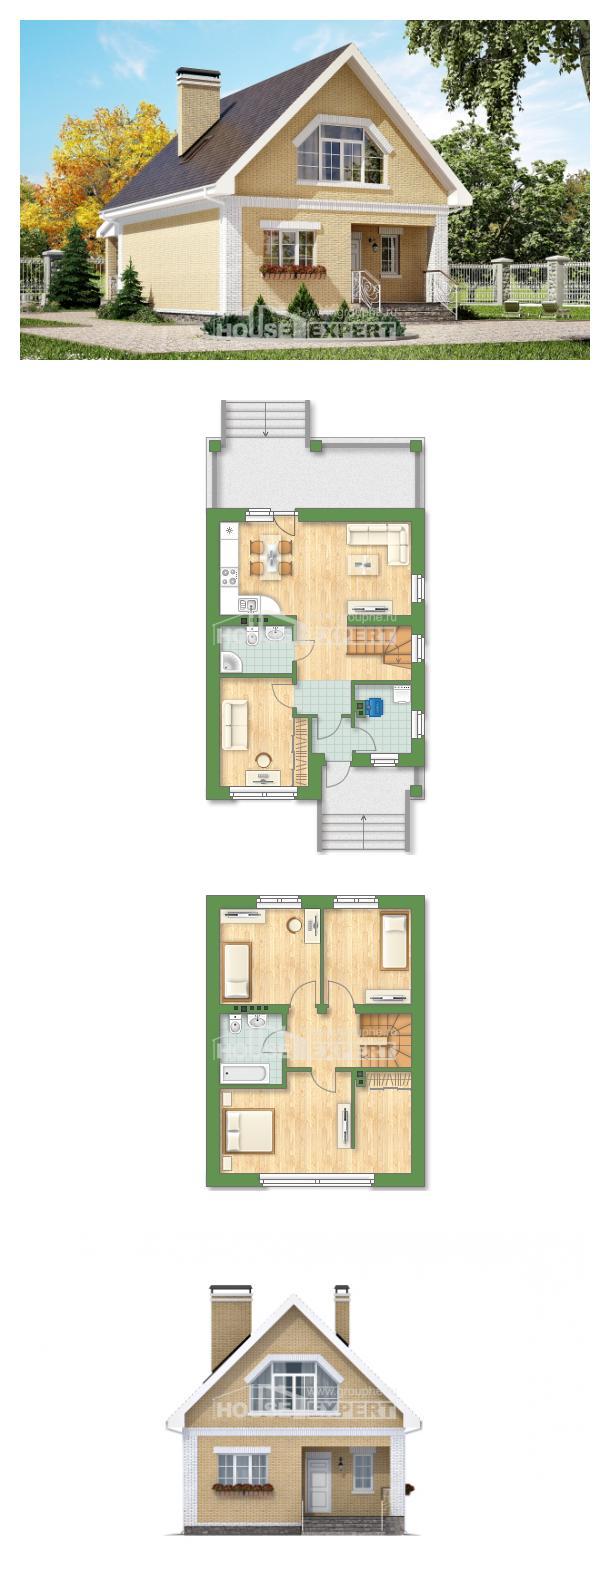 Plan 130-004-R | House Expert